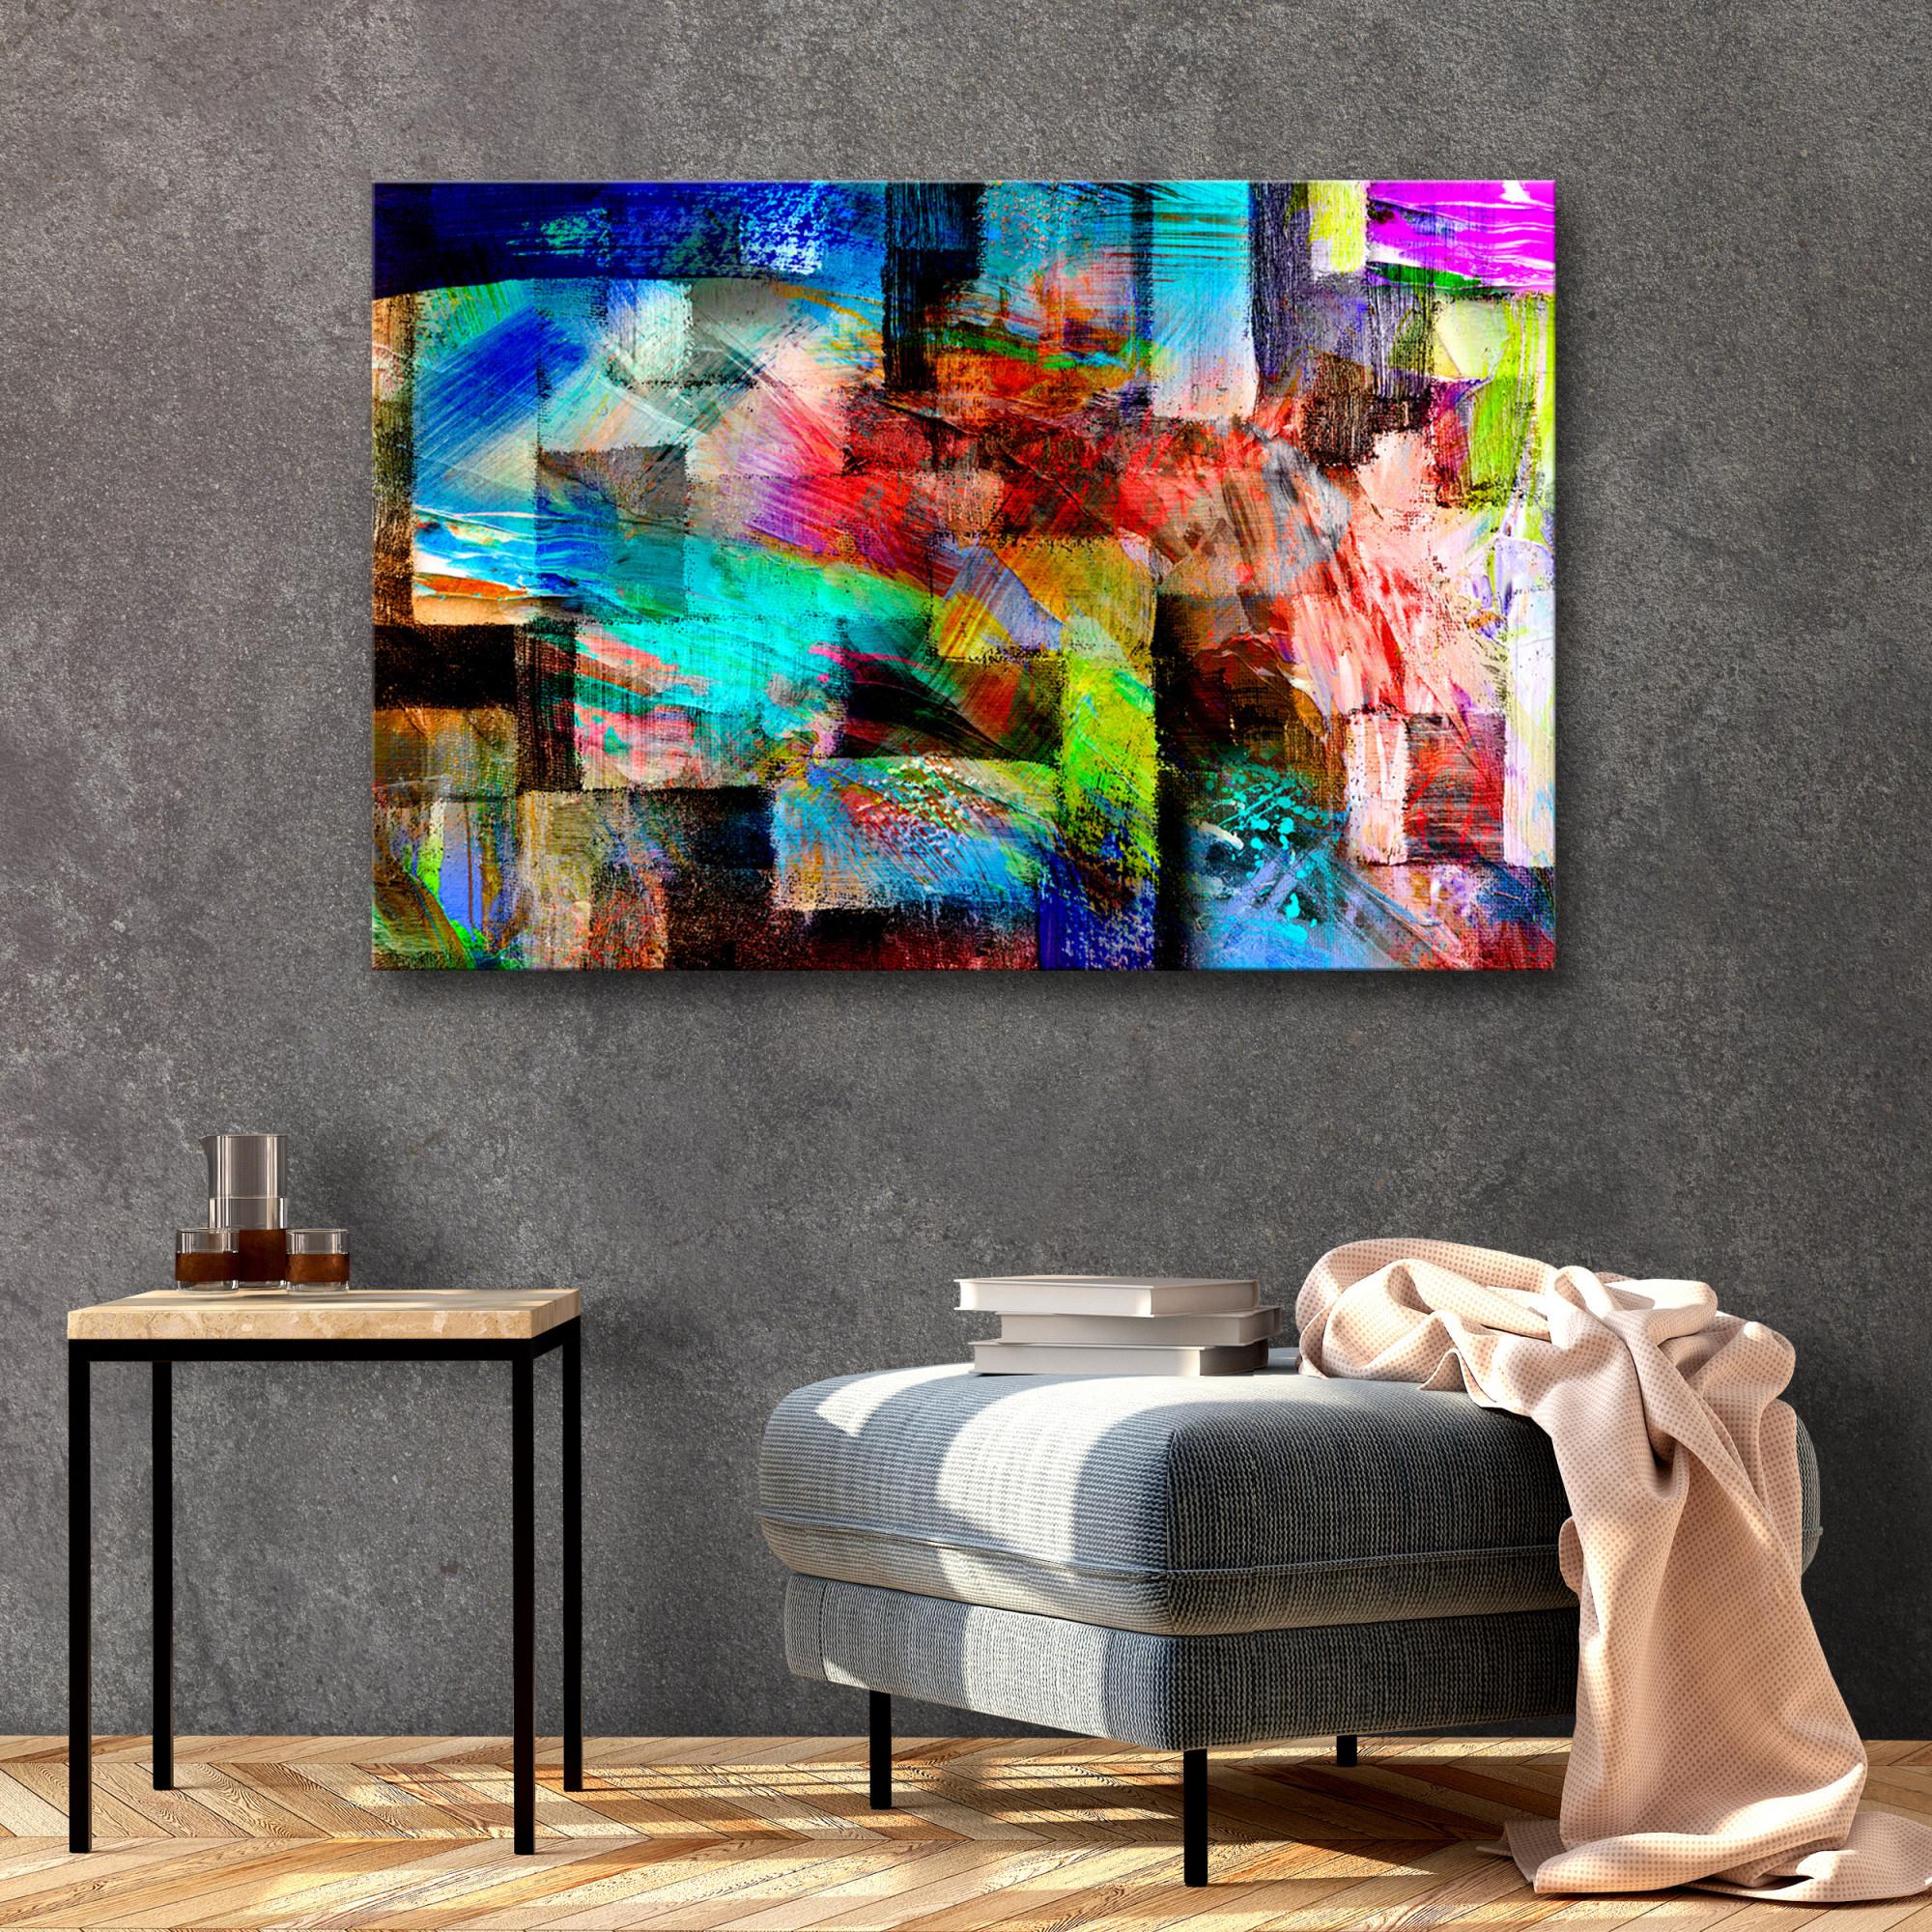 Details Zu Abstrakt Leinwand Deko Bild Xxl Wand Bilder Bunt Kunstdruck  Wohnzimmer 3 Motiven von Wohnzimmer Bilder Abstrakt Bild